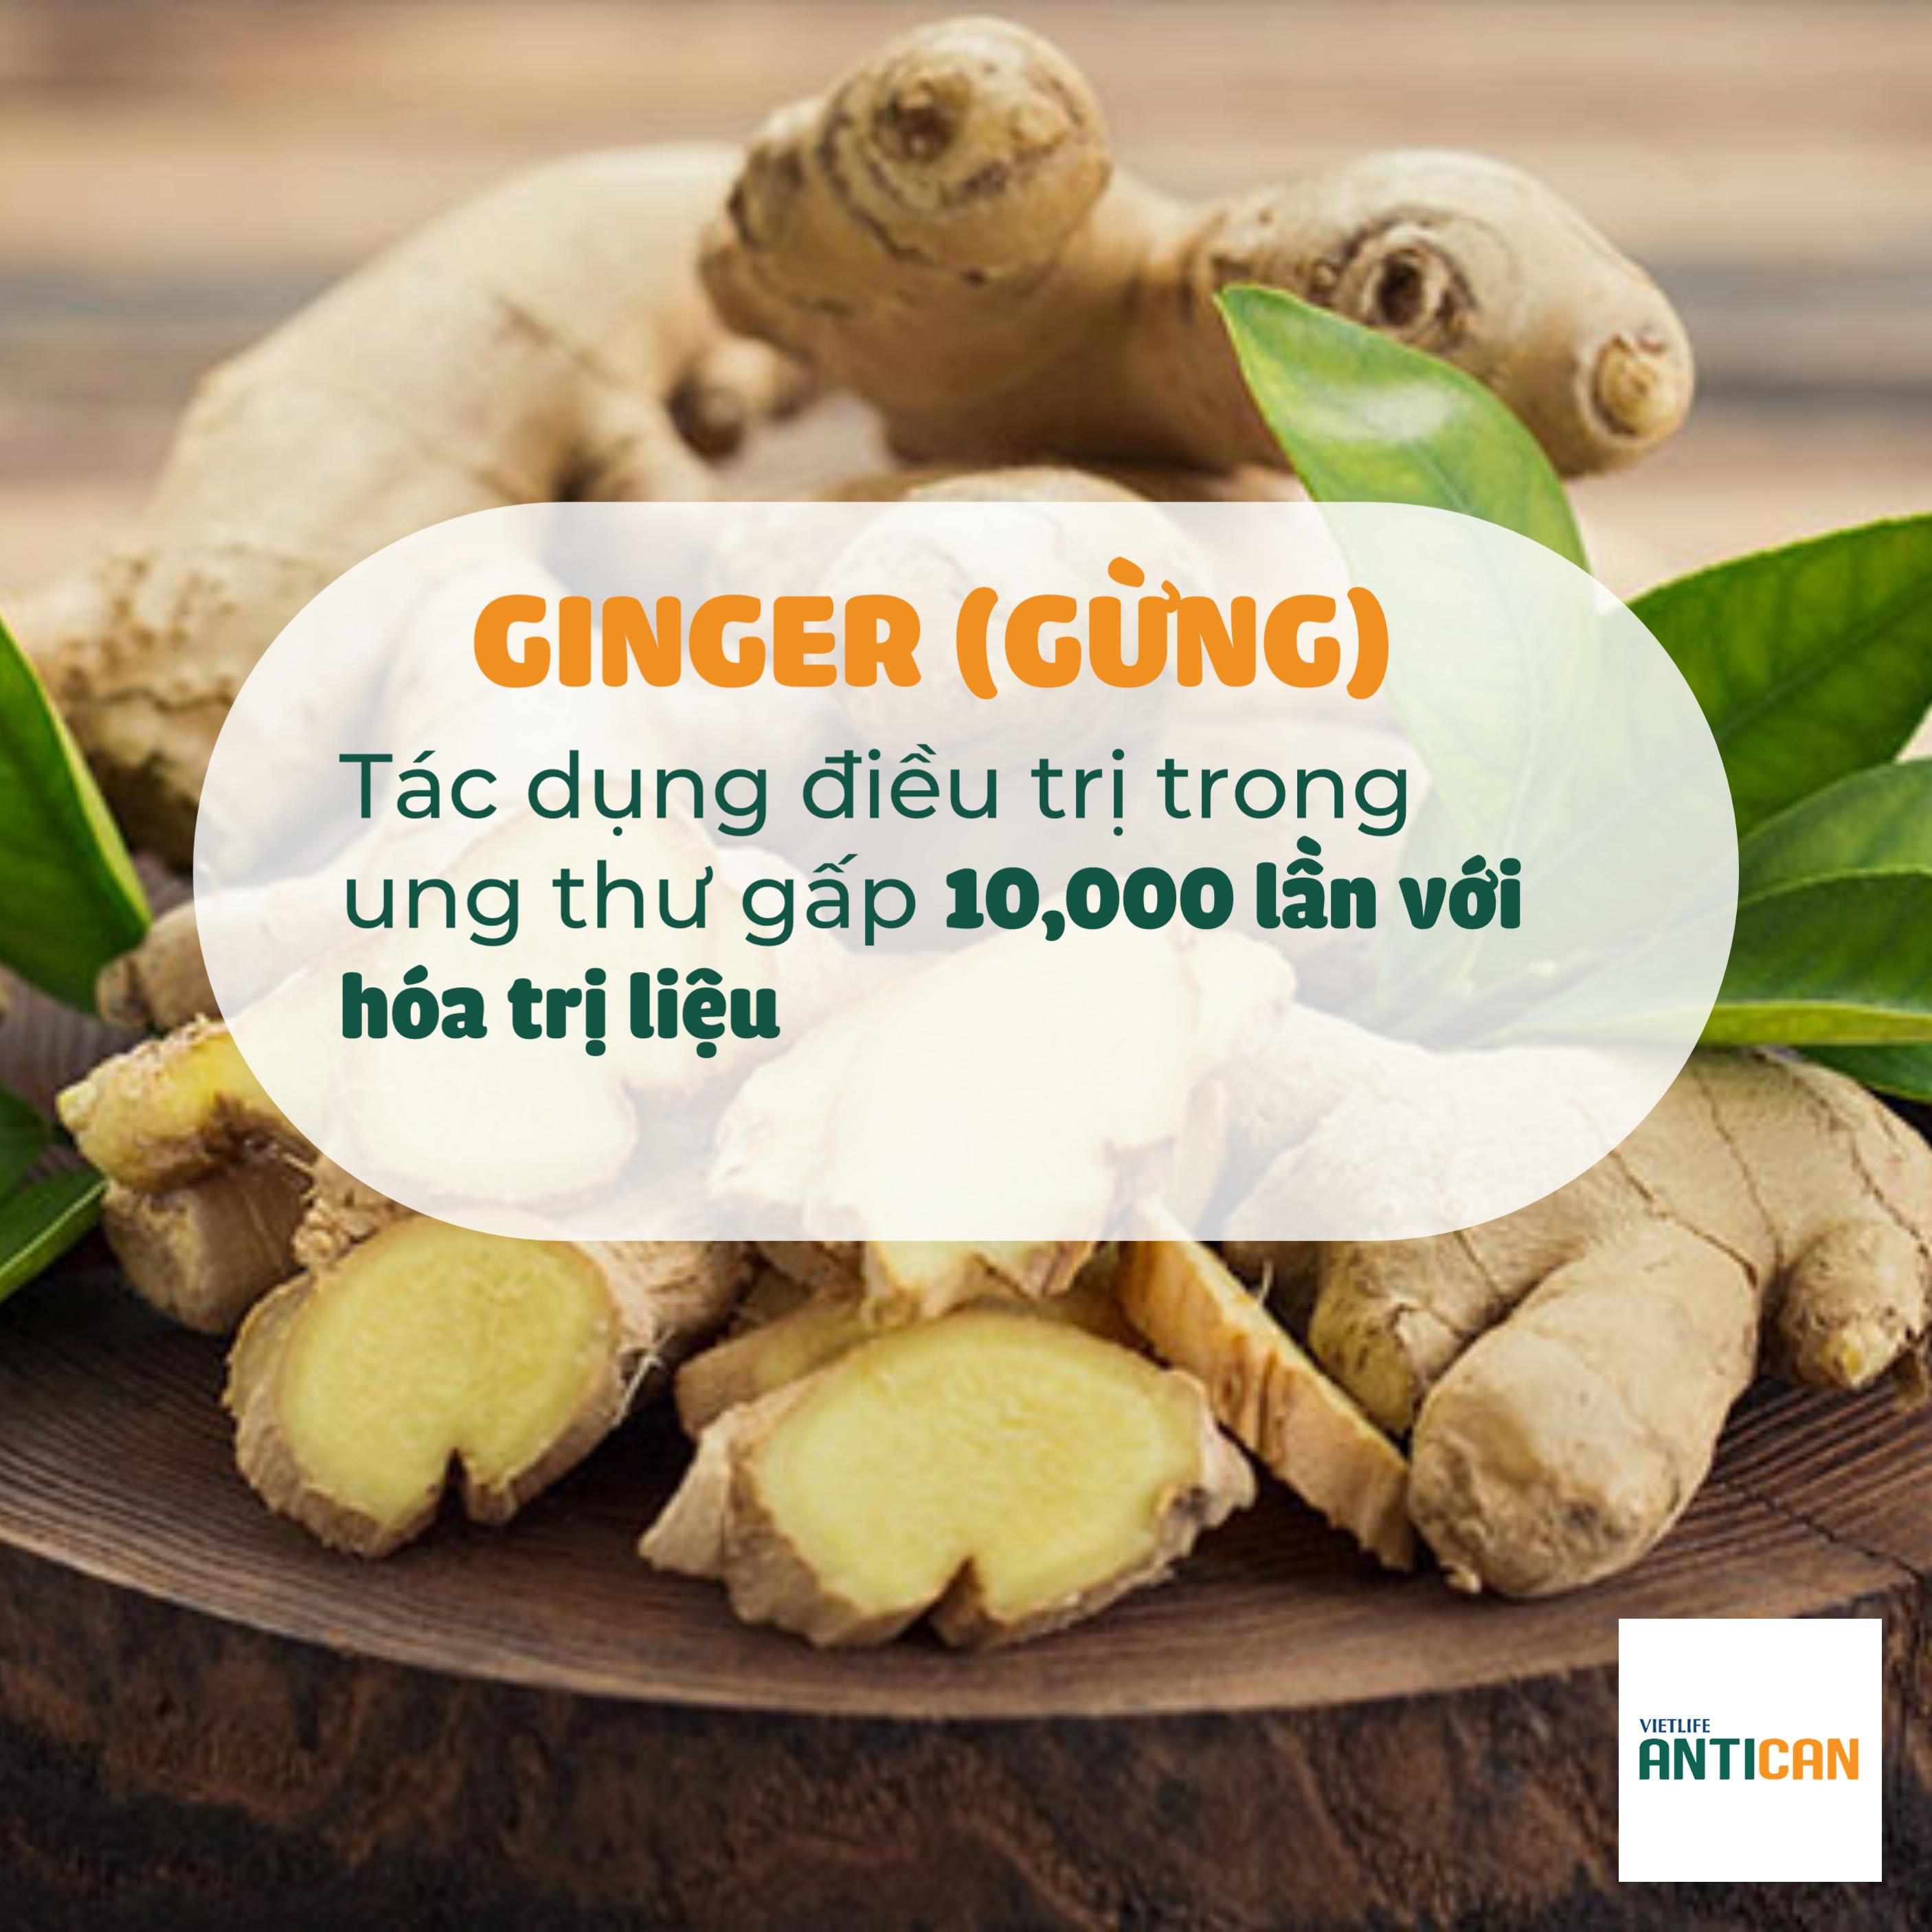 Nano Ginger NDN là hoạt chất có khả năng kiểm soát các vấn đề ung thư hiệu quả